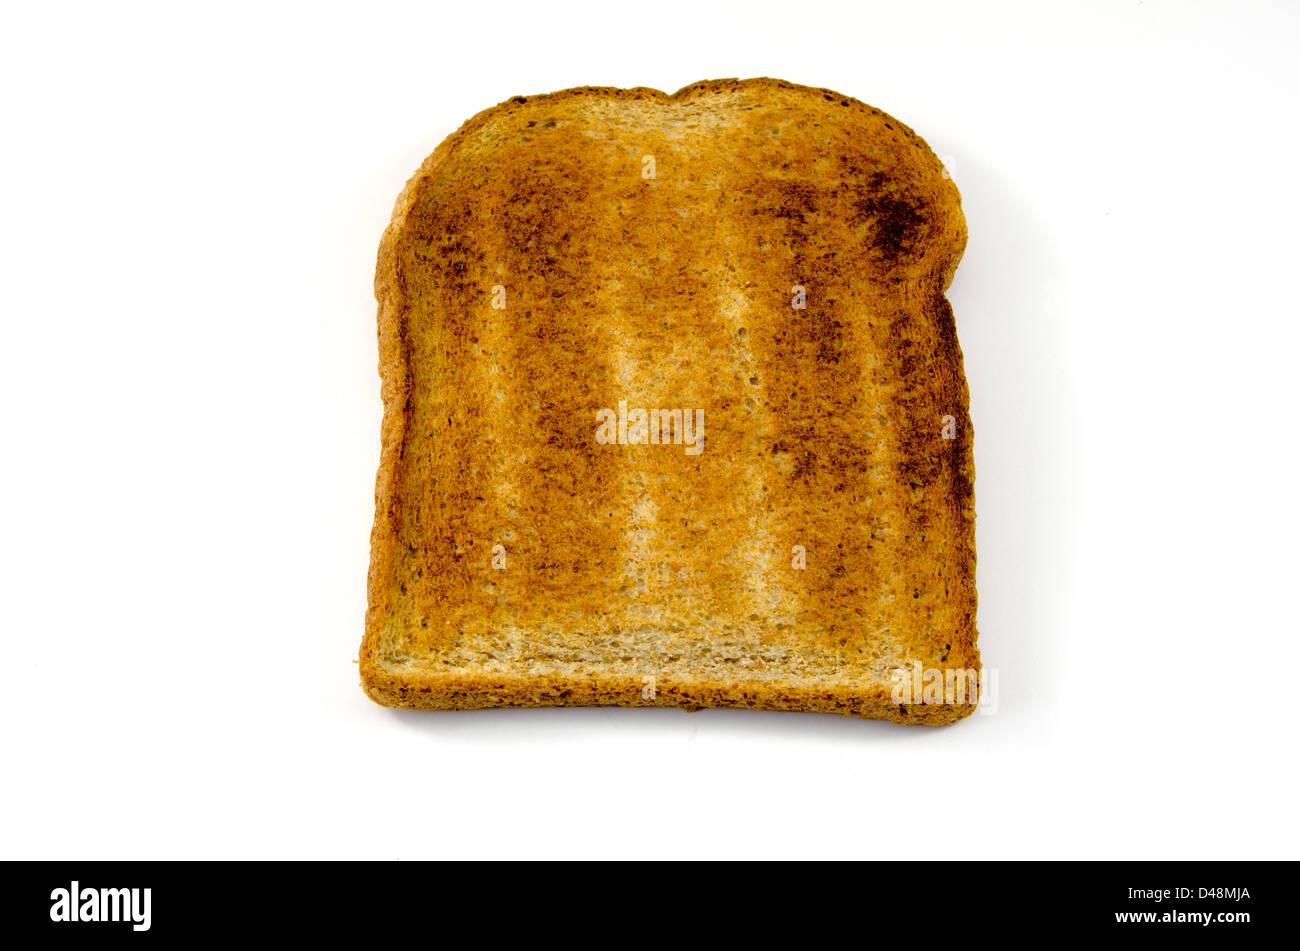 single slice of toast on white background stock photo 54281538 alamy